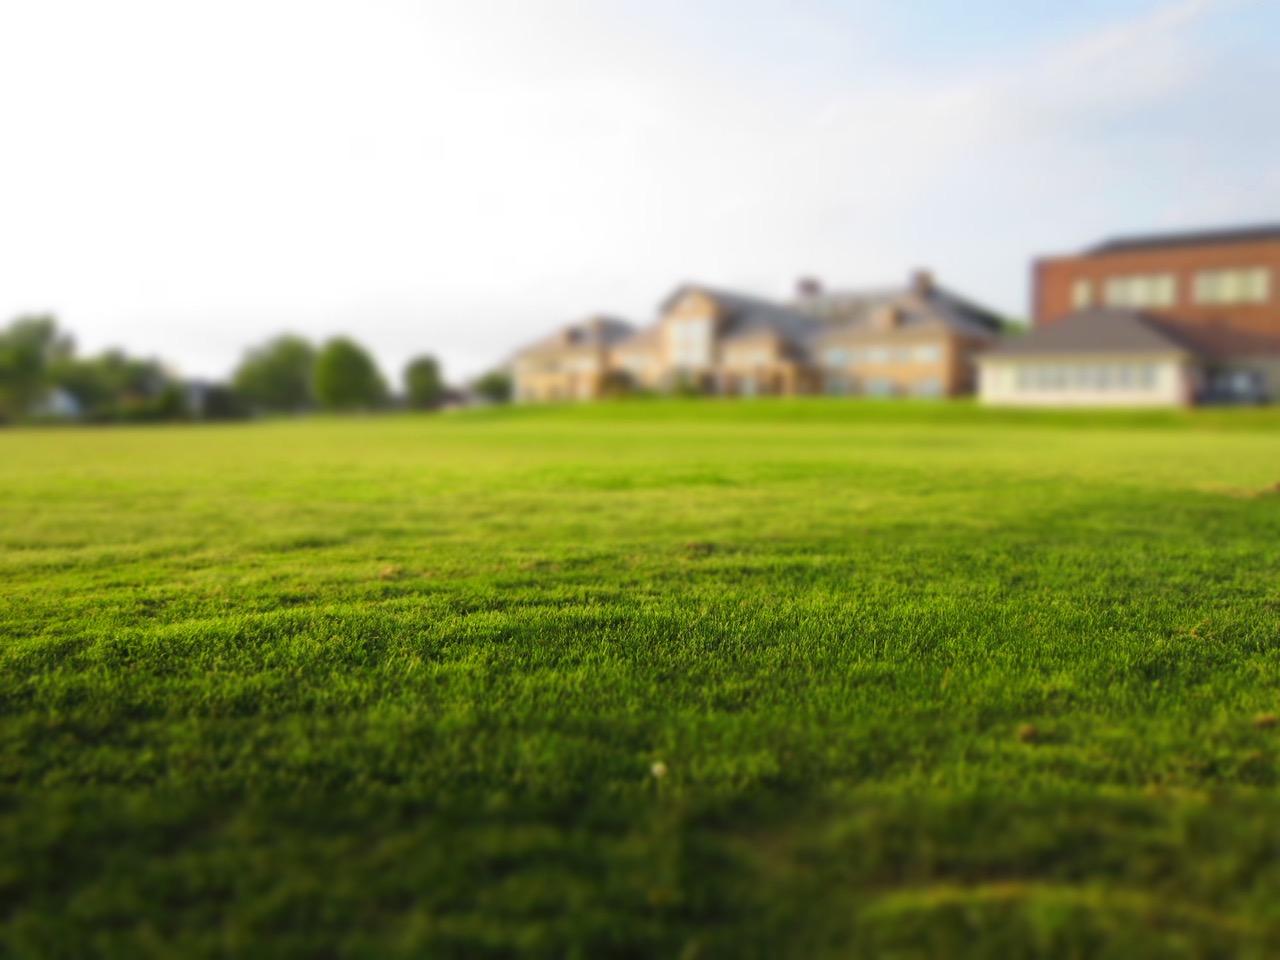 kako-se-rijesiti-neugodnih-mrlja-na-travnjaku-prouzrokovanih-glistama-kako-hr